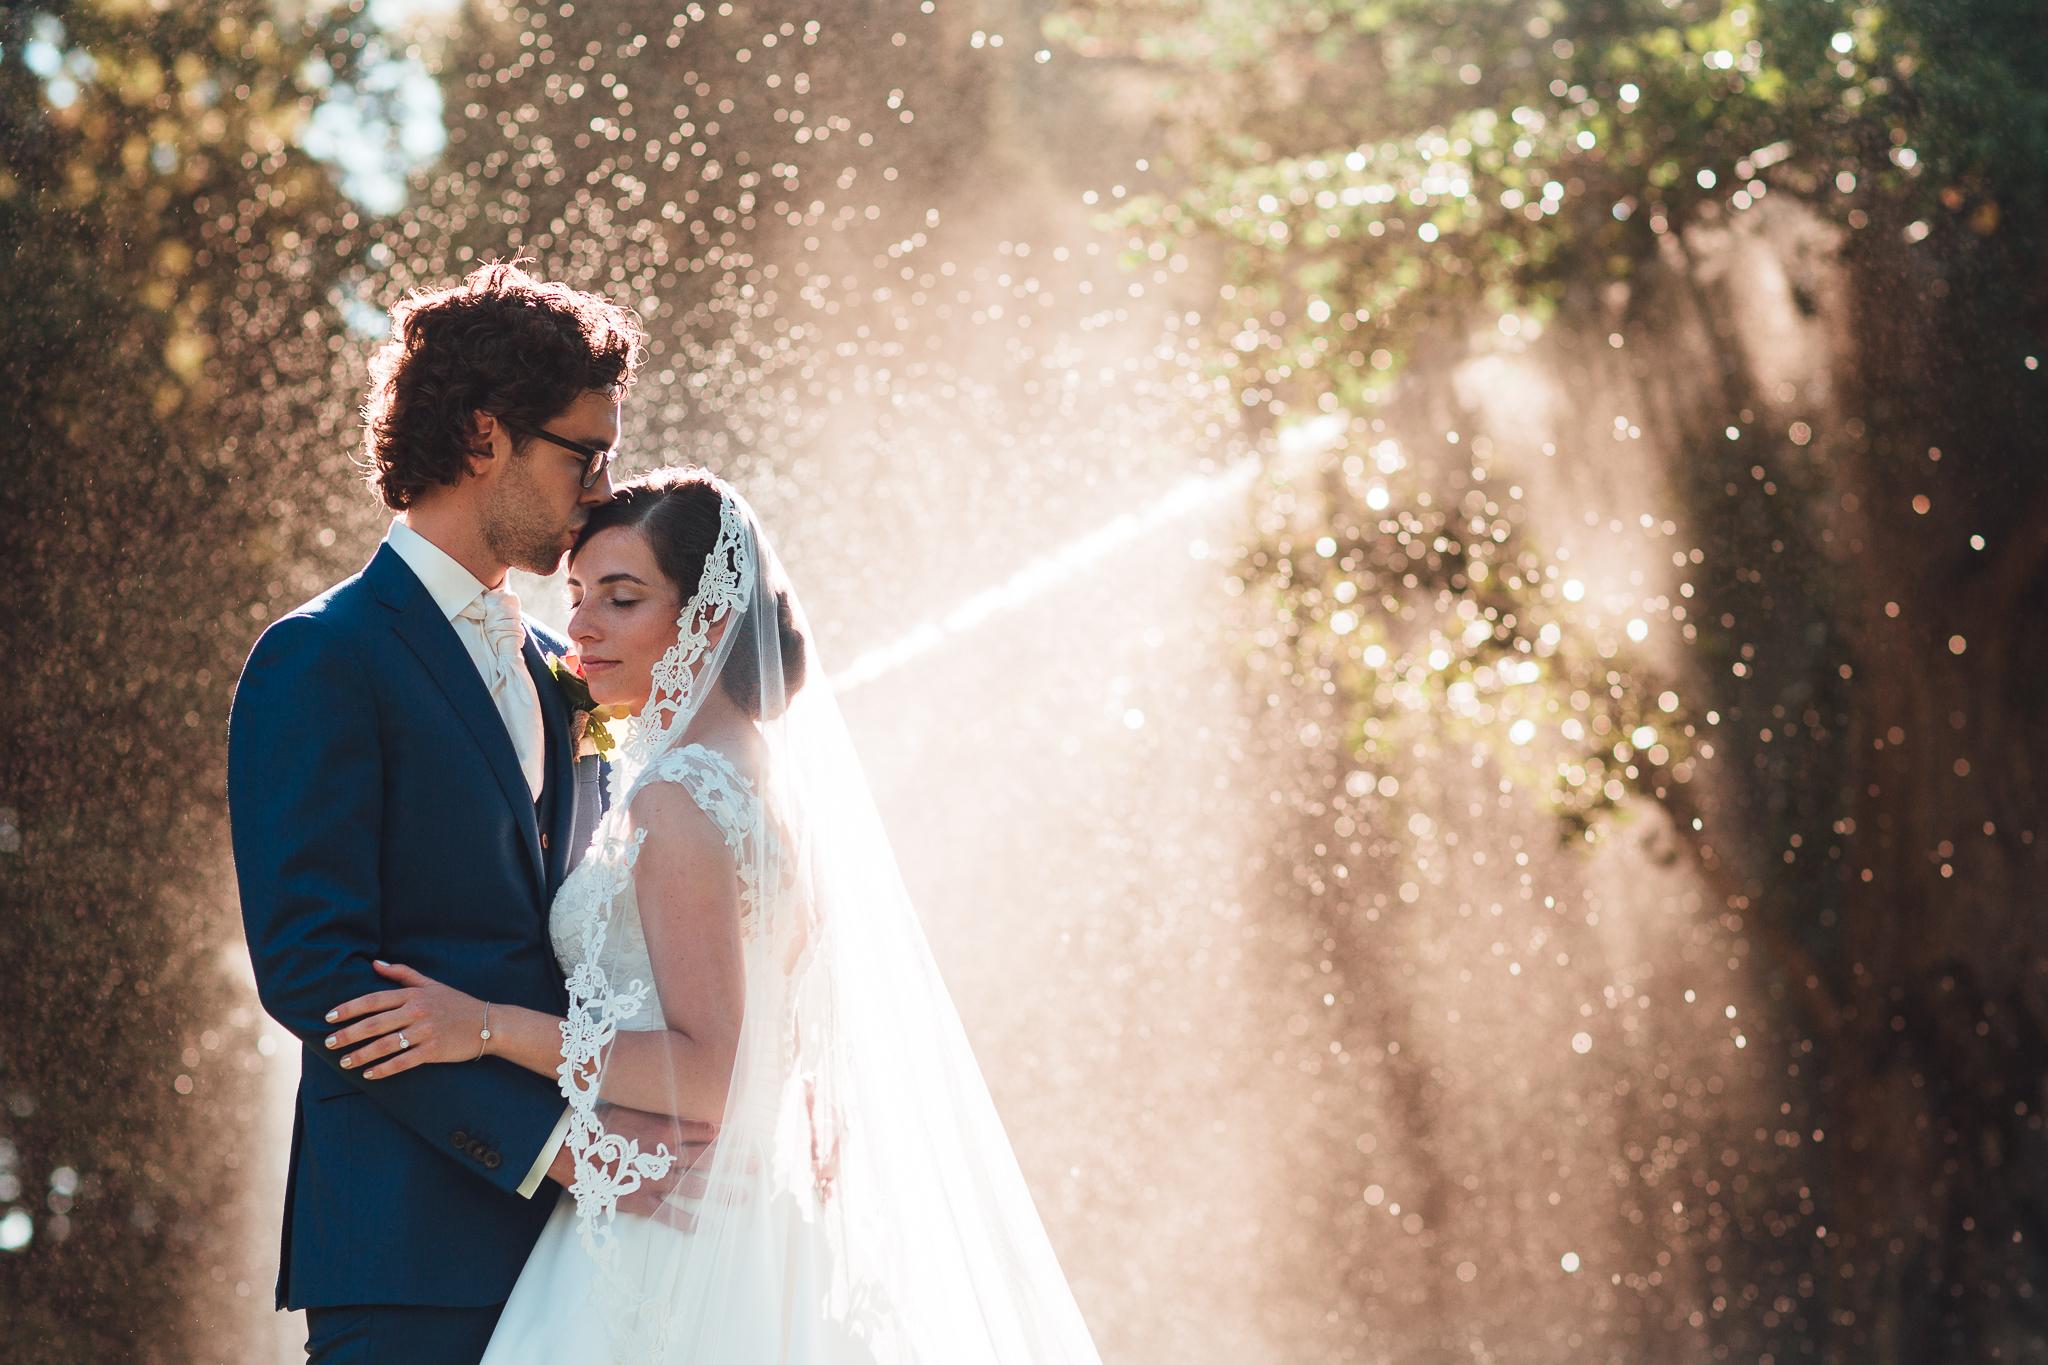 weddings Froukje Wilming-12.jpg